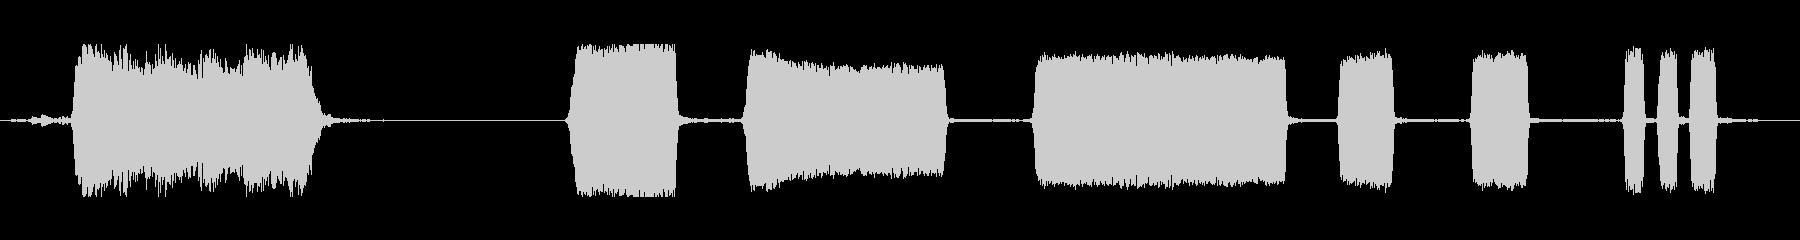 スティームホイッスル、ホーン、シグ...の未再生の波形